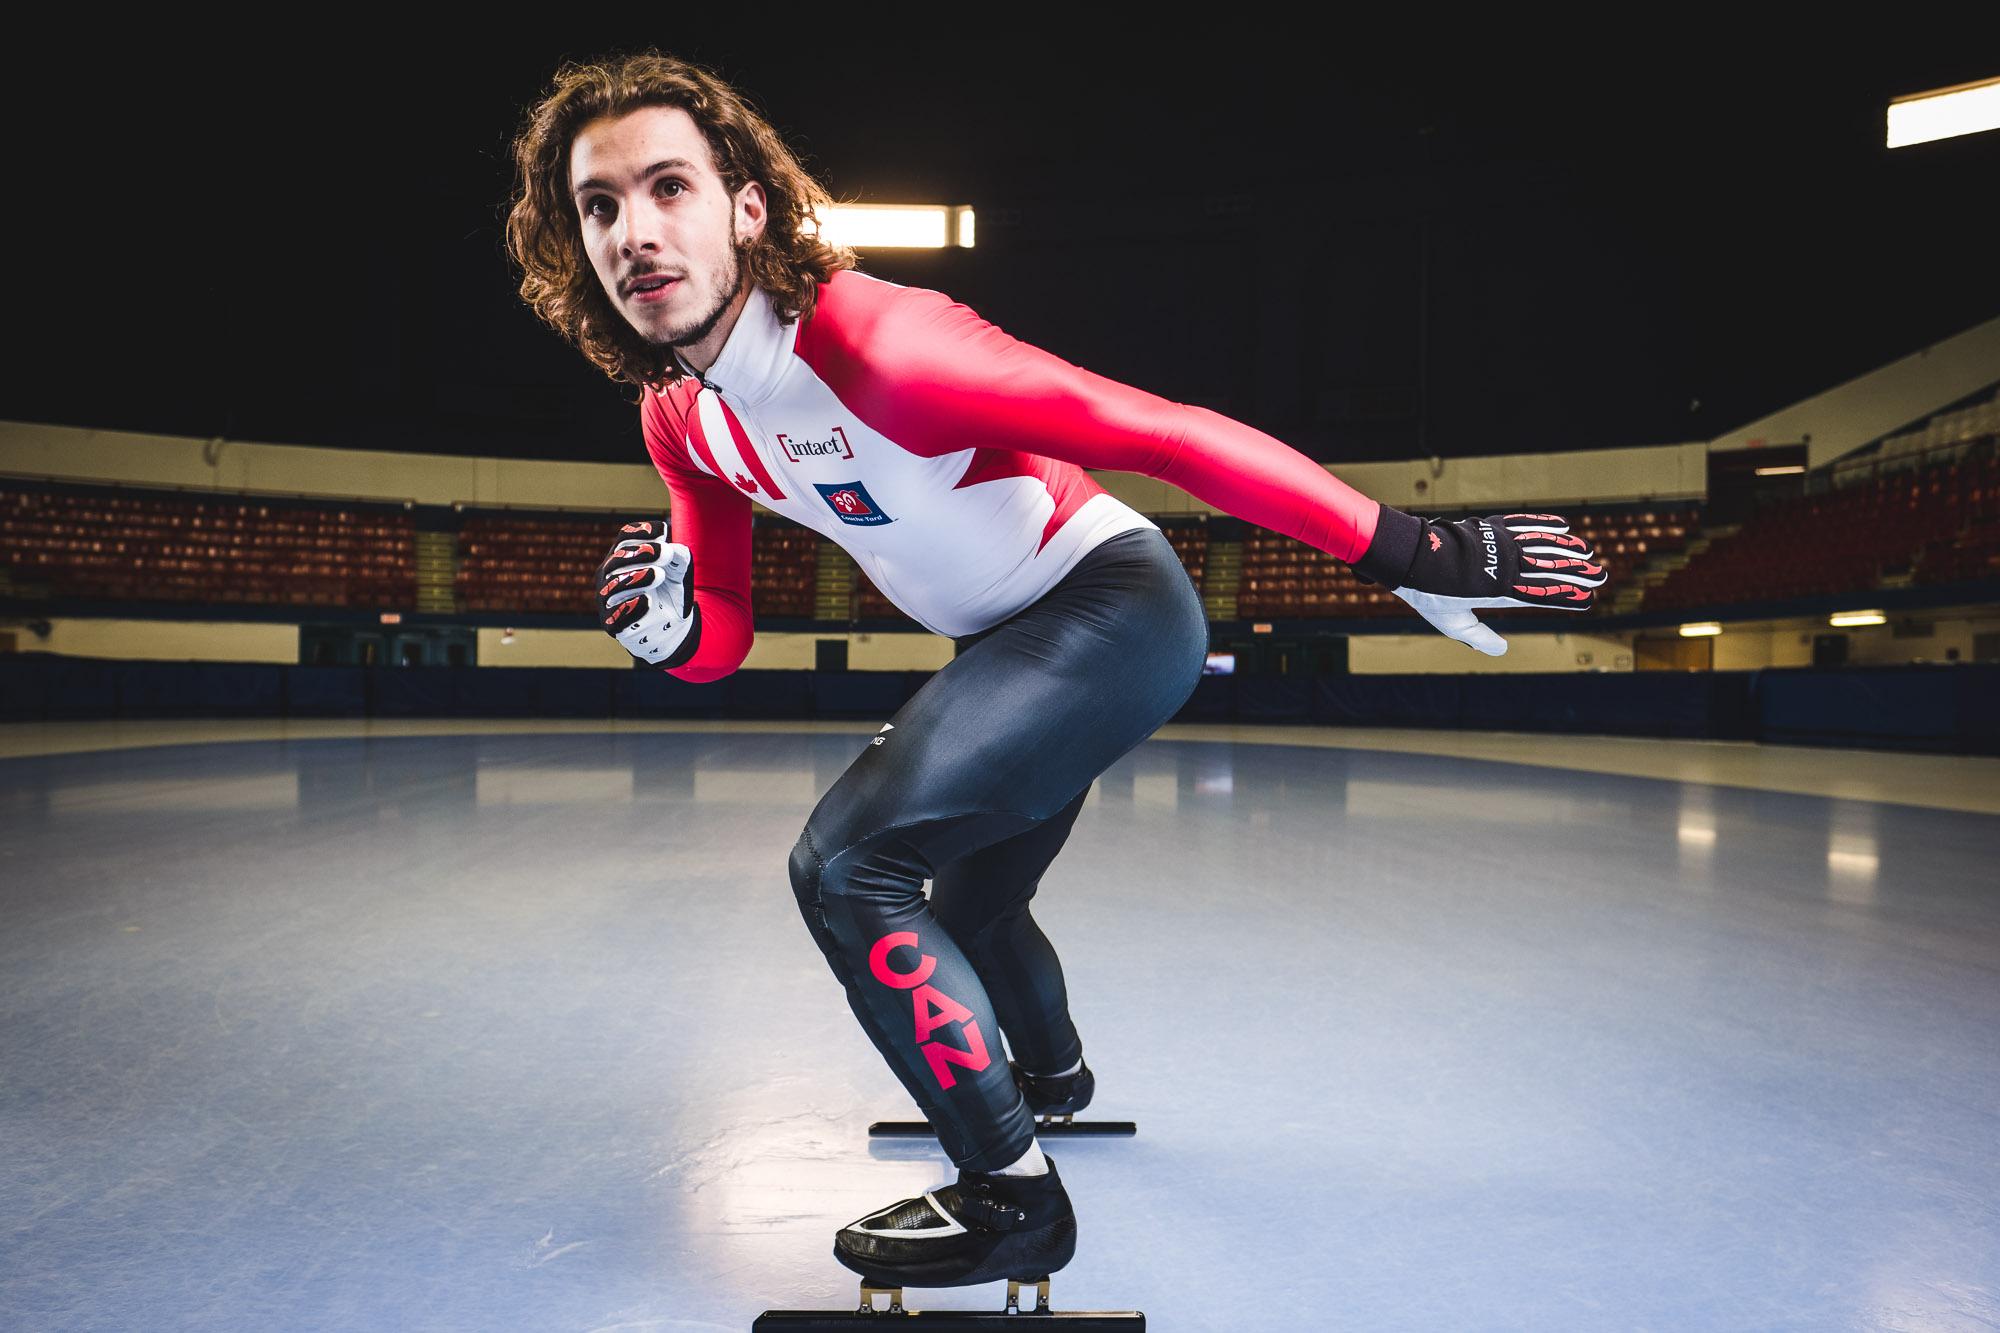 Samuel Girard, gold-medalist speed skater